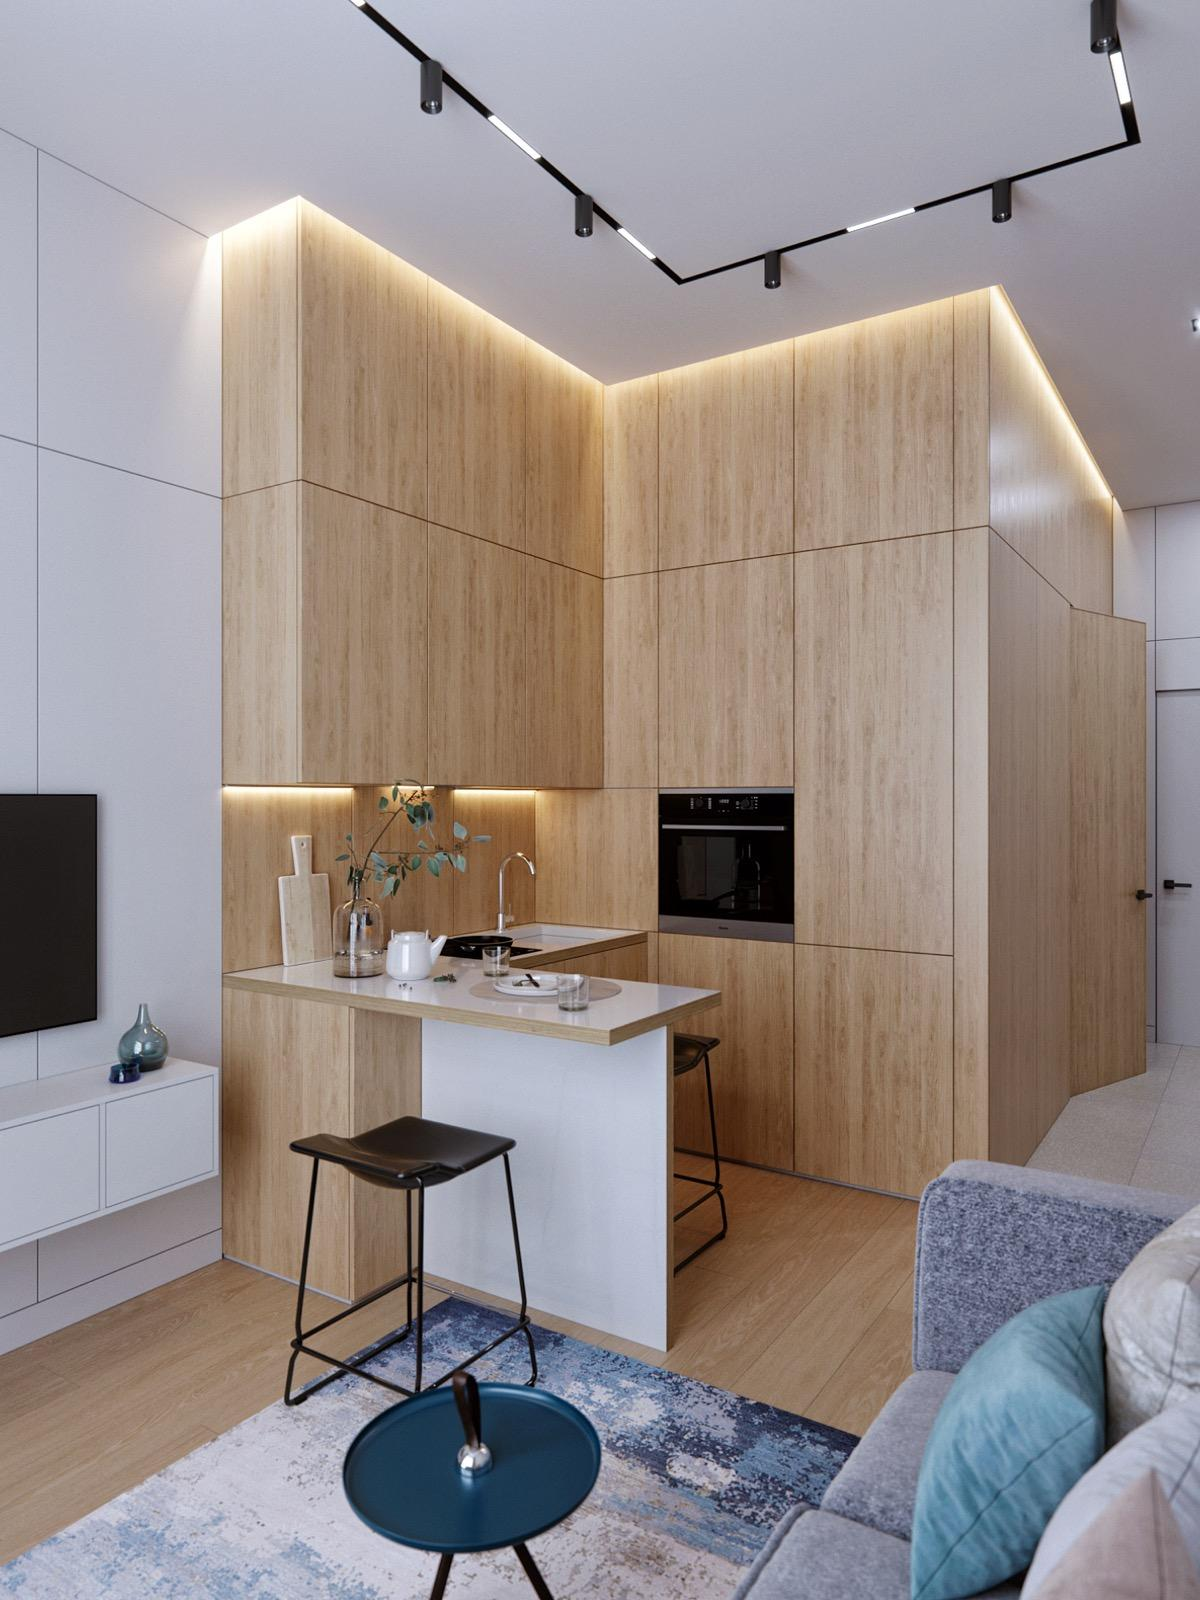 Tủ bếp hoàn toàn được làm bằng gỗ mang đến sự tự nhiên, mộc mạc nhưng không kém phần ấm áp